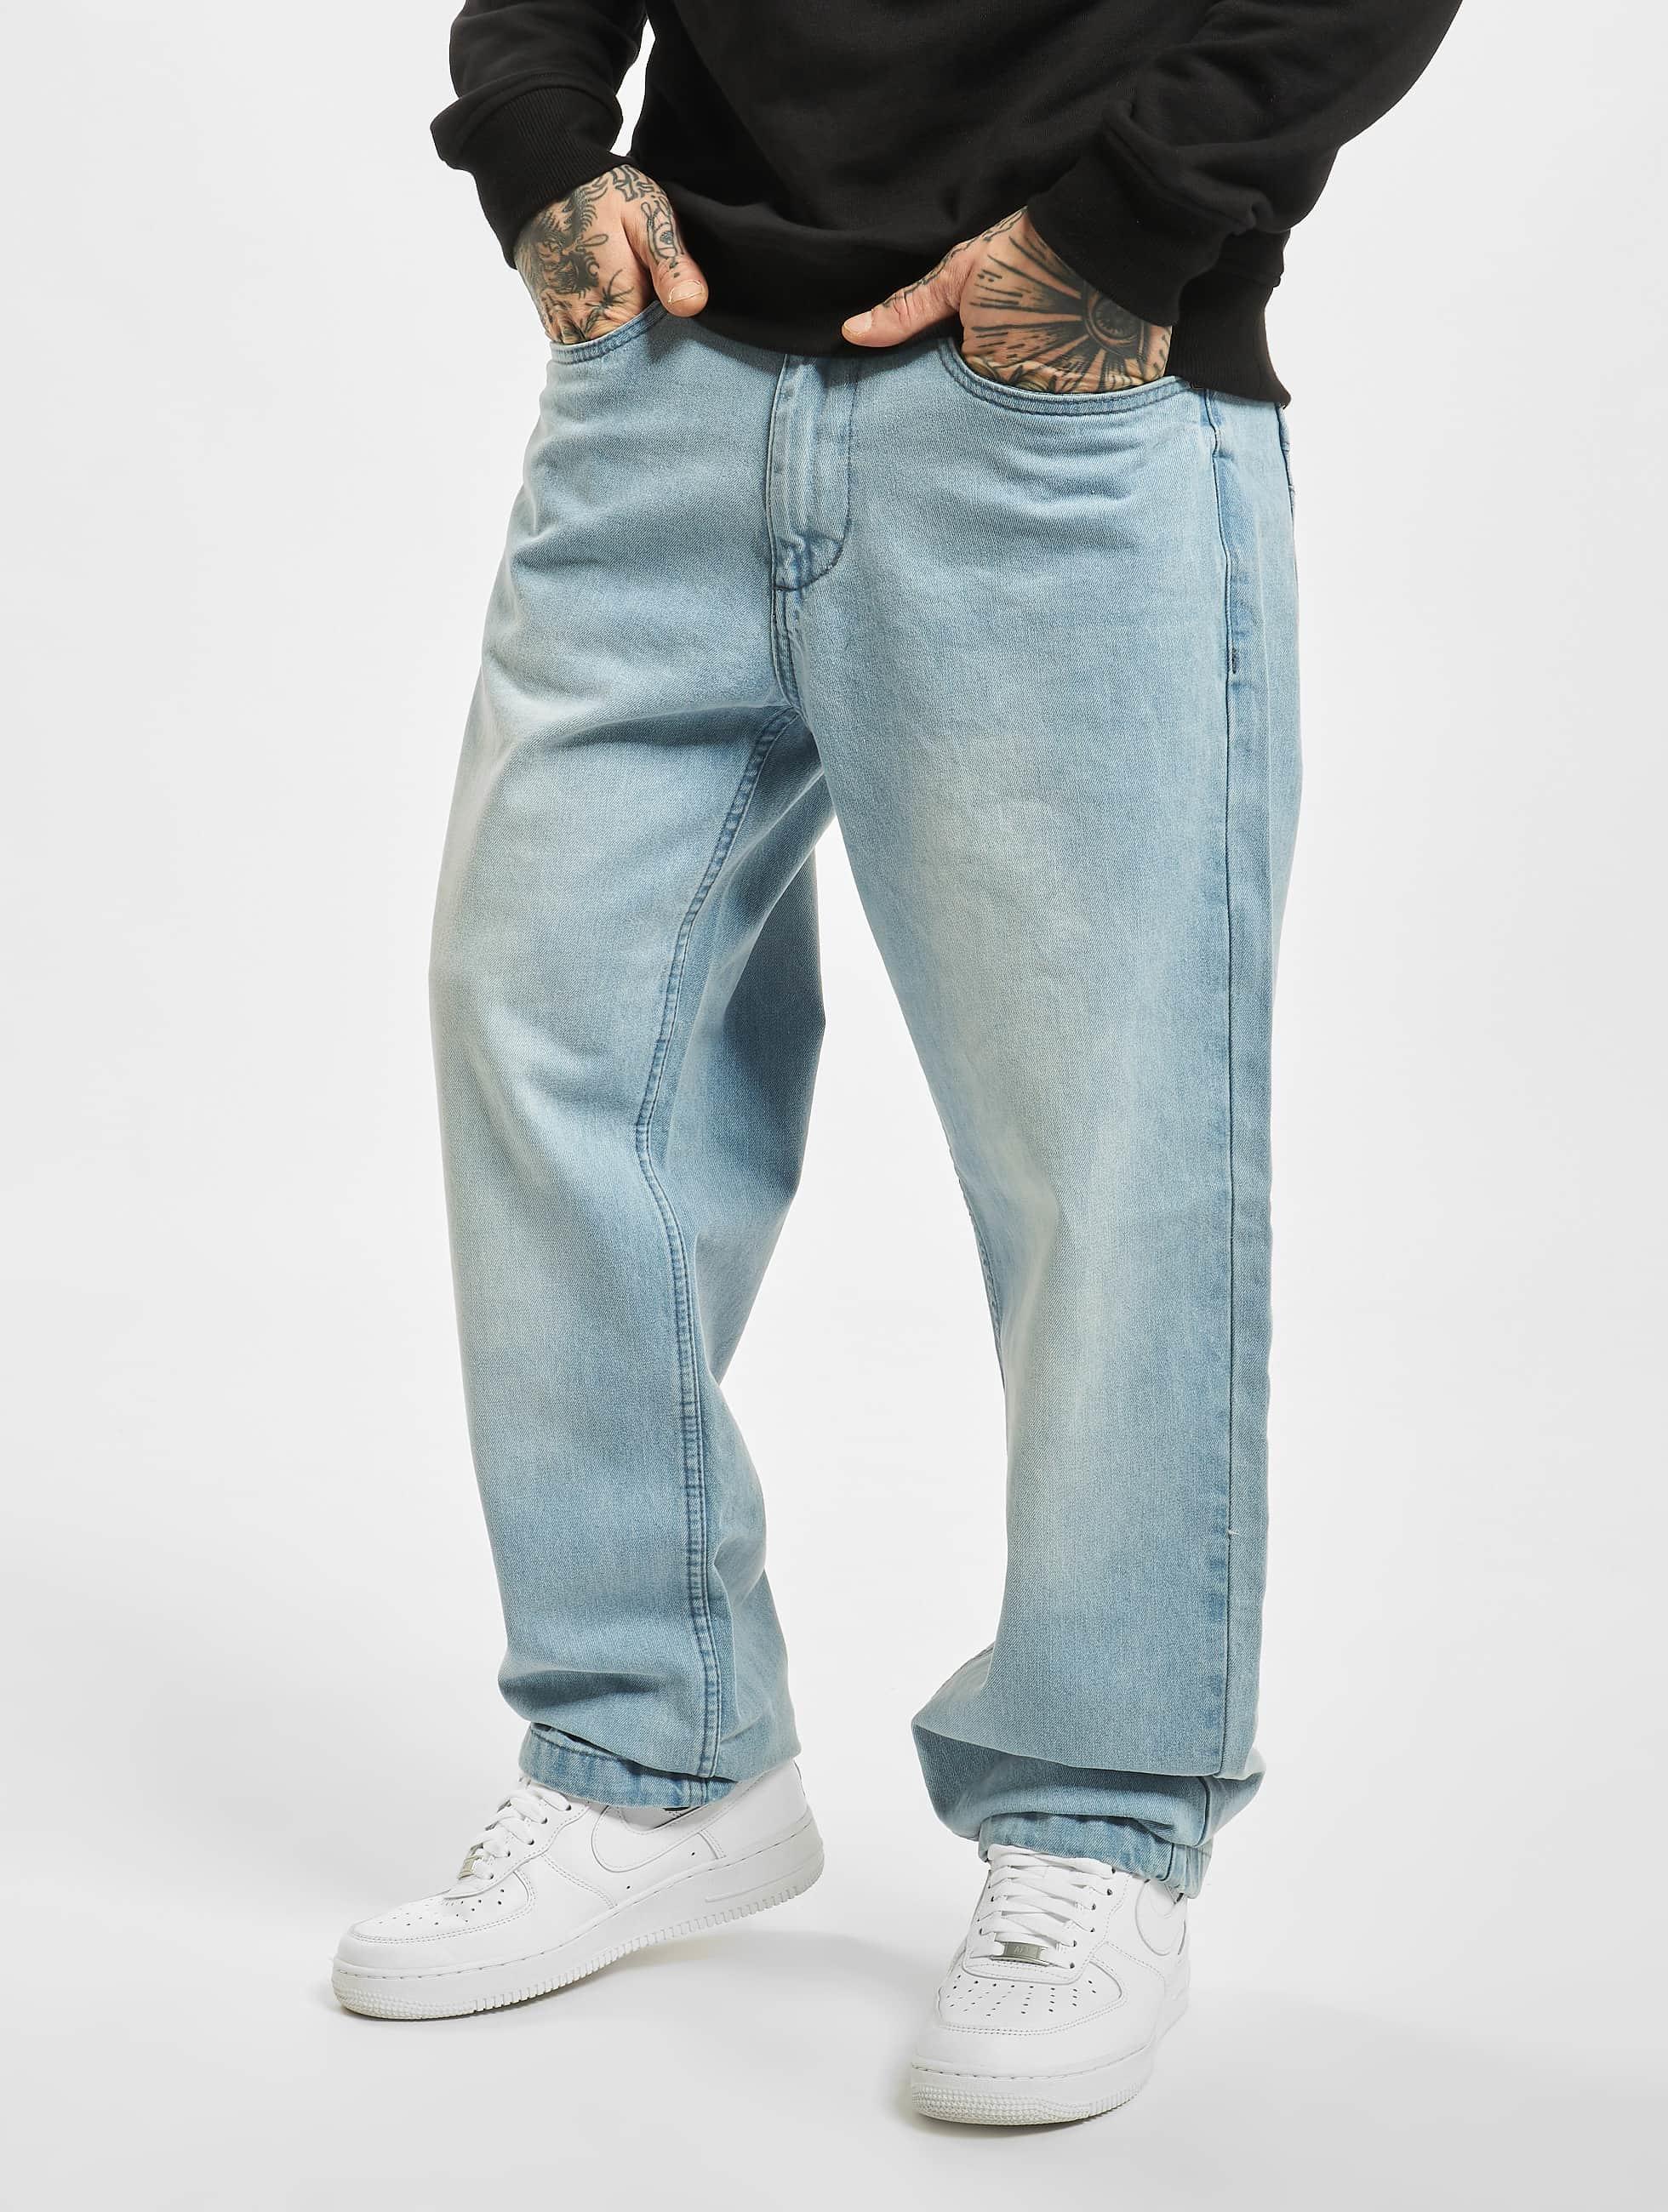 Ecko Unltd. / Loose Fit Jeans Wide Leg Fit in blue W 52 L 34